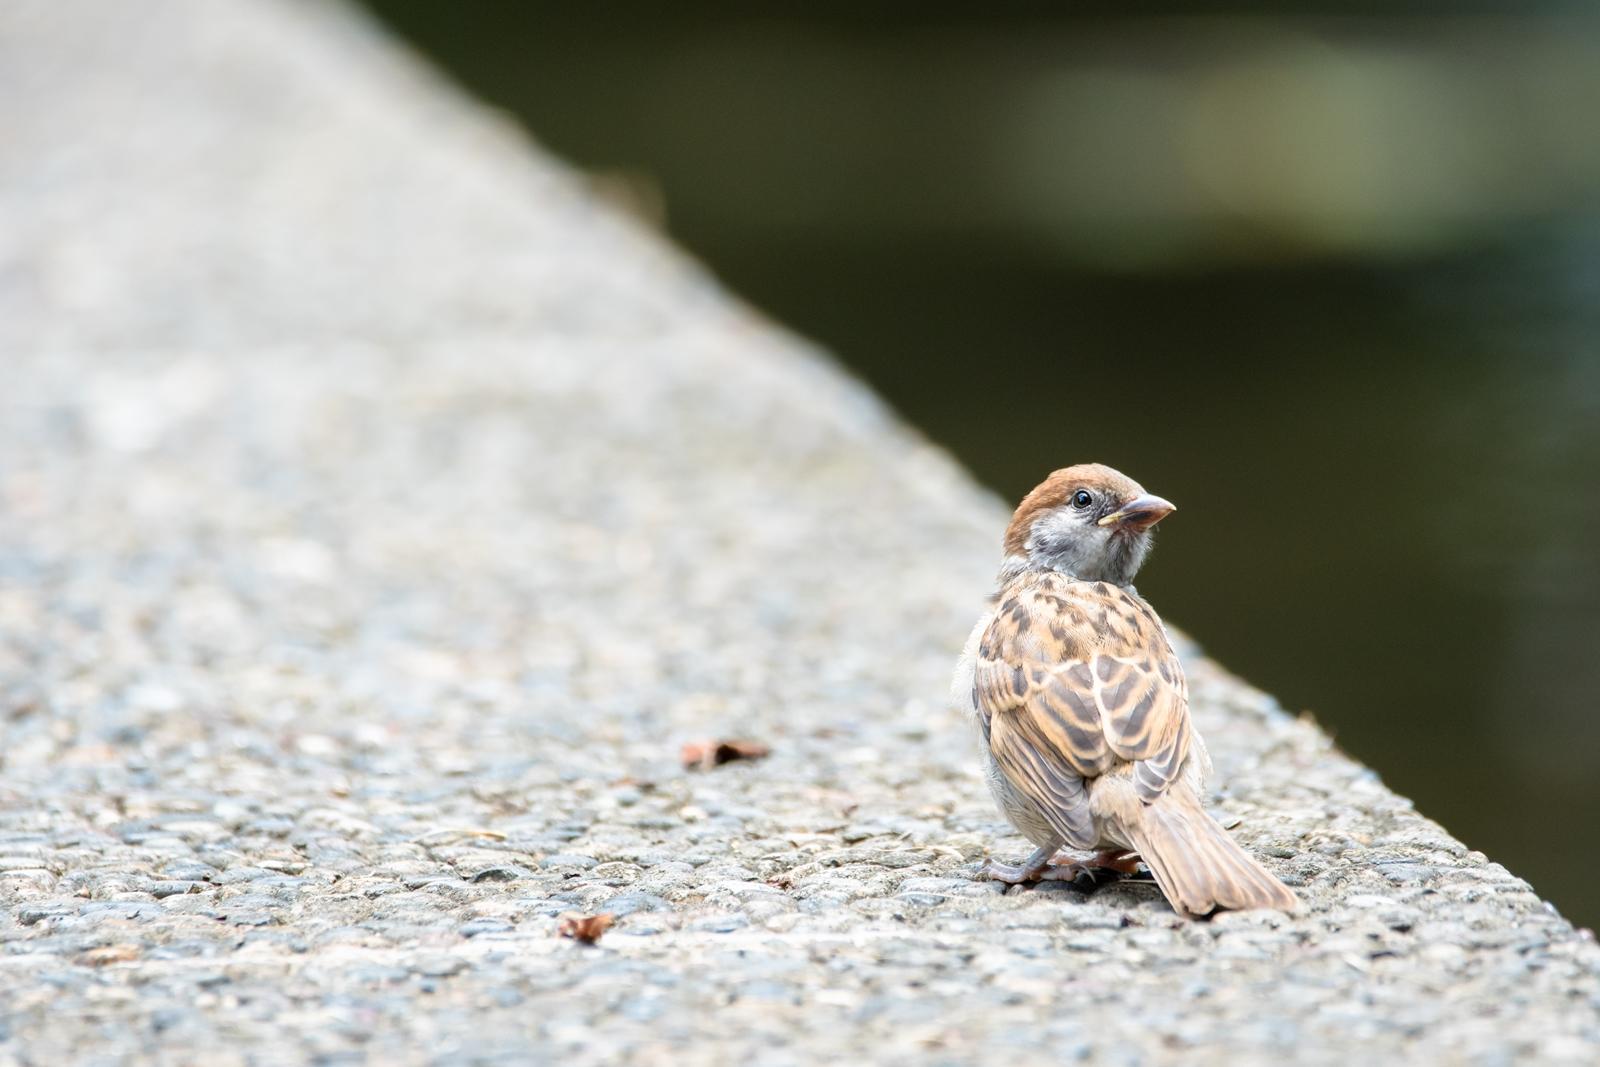 Photo: 「君の道へ」 / Start your life.  もう少しかな 君は君の道へ そこから始まる新しい道へ 大丈夫だよ もう君はひとりで飛べるんだから  Sparrow. (スズメ)  Nikon D500 SIGMA 150-600mm F5-6.3 DG OS HSM Contemporary  #birdphotography #birds #kawaii #ことり #小鳥 #nikon #sigma  ( http://takafumiooshio.com/archives/2769 )